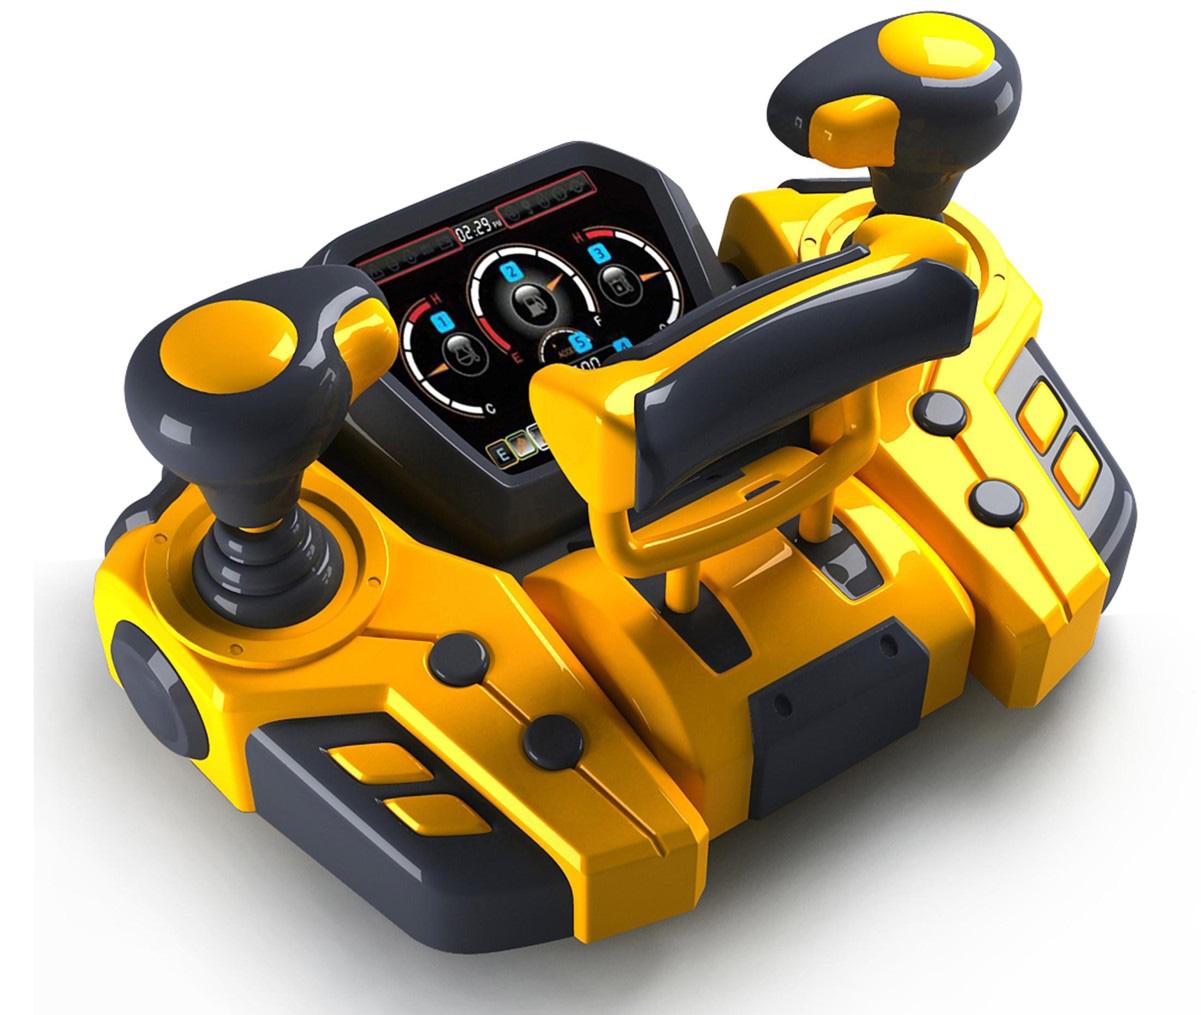 仿真飞机操纵杆玩具设计